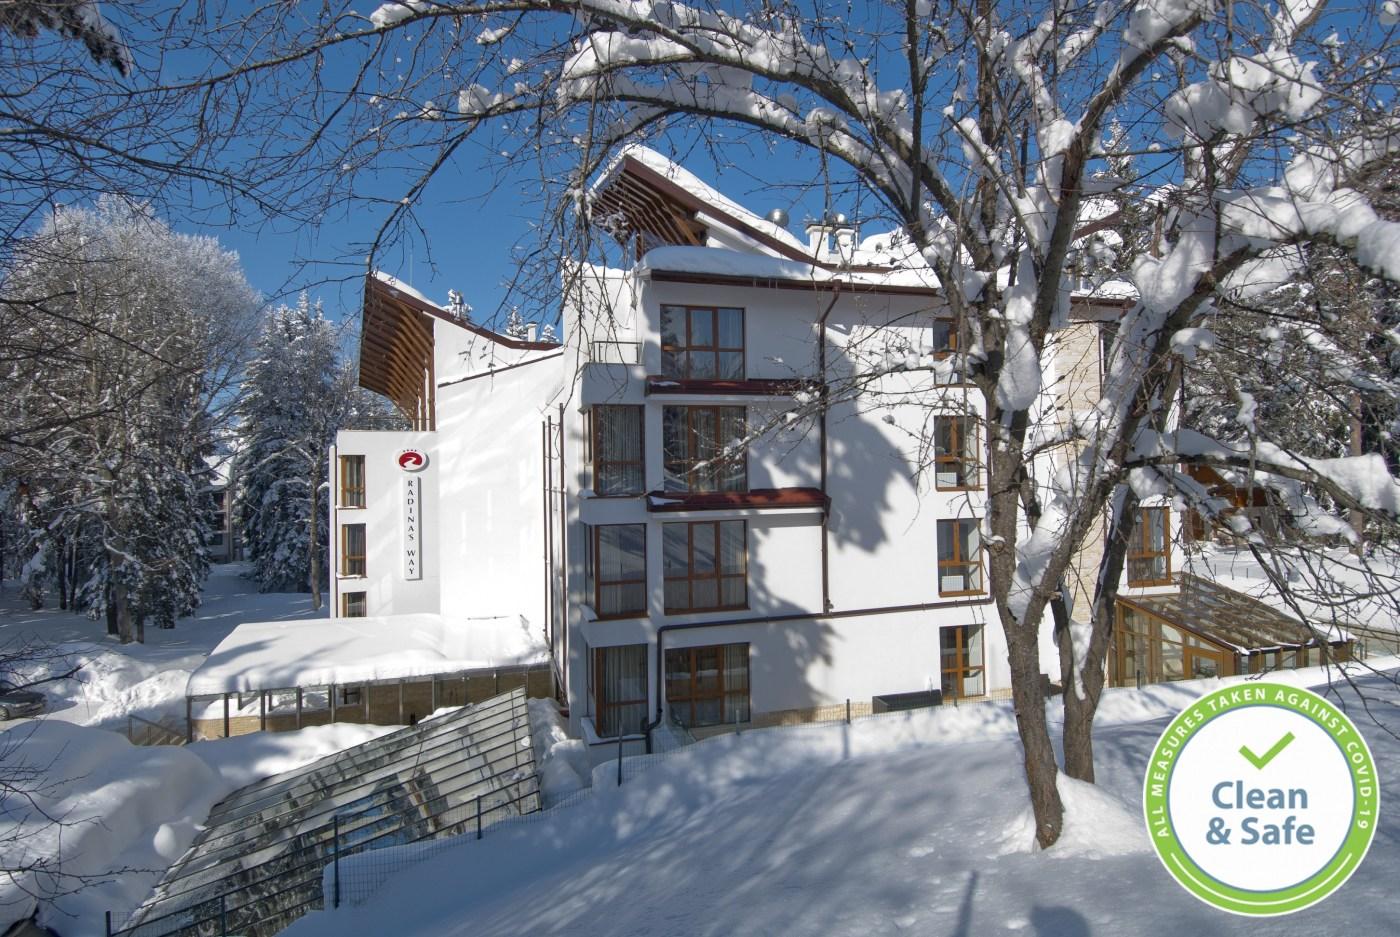 Хотел Радинас Уей, Боровец - зима 2021